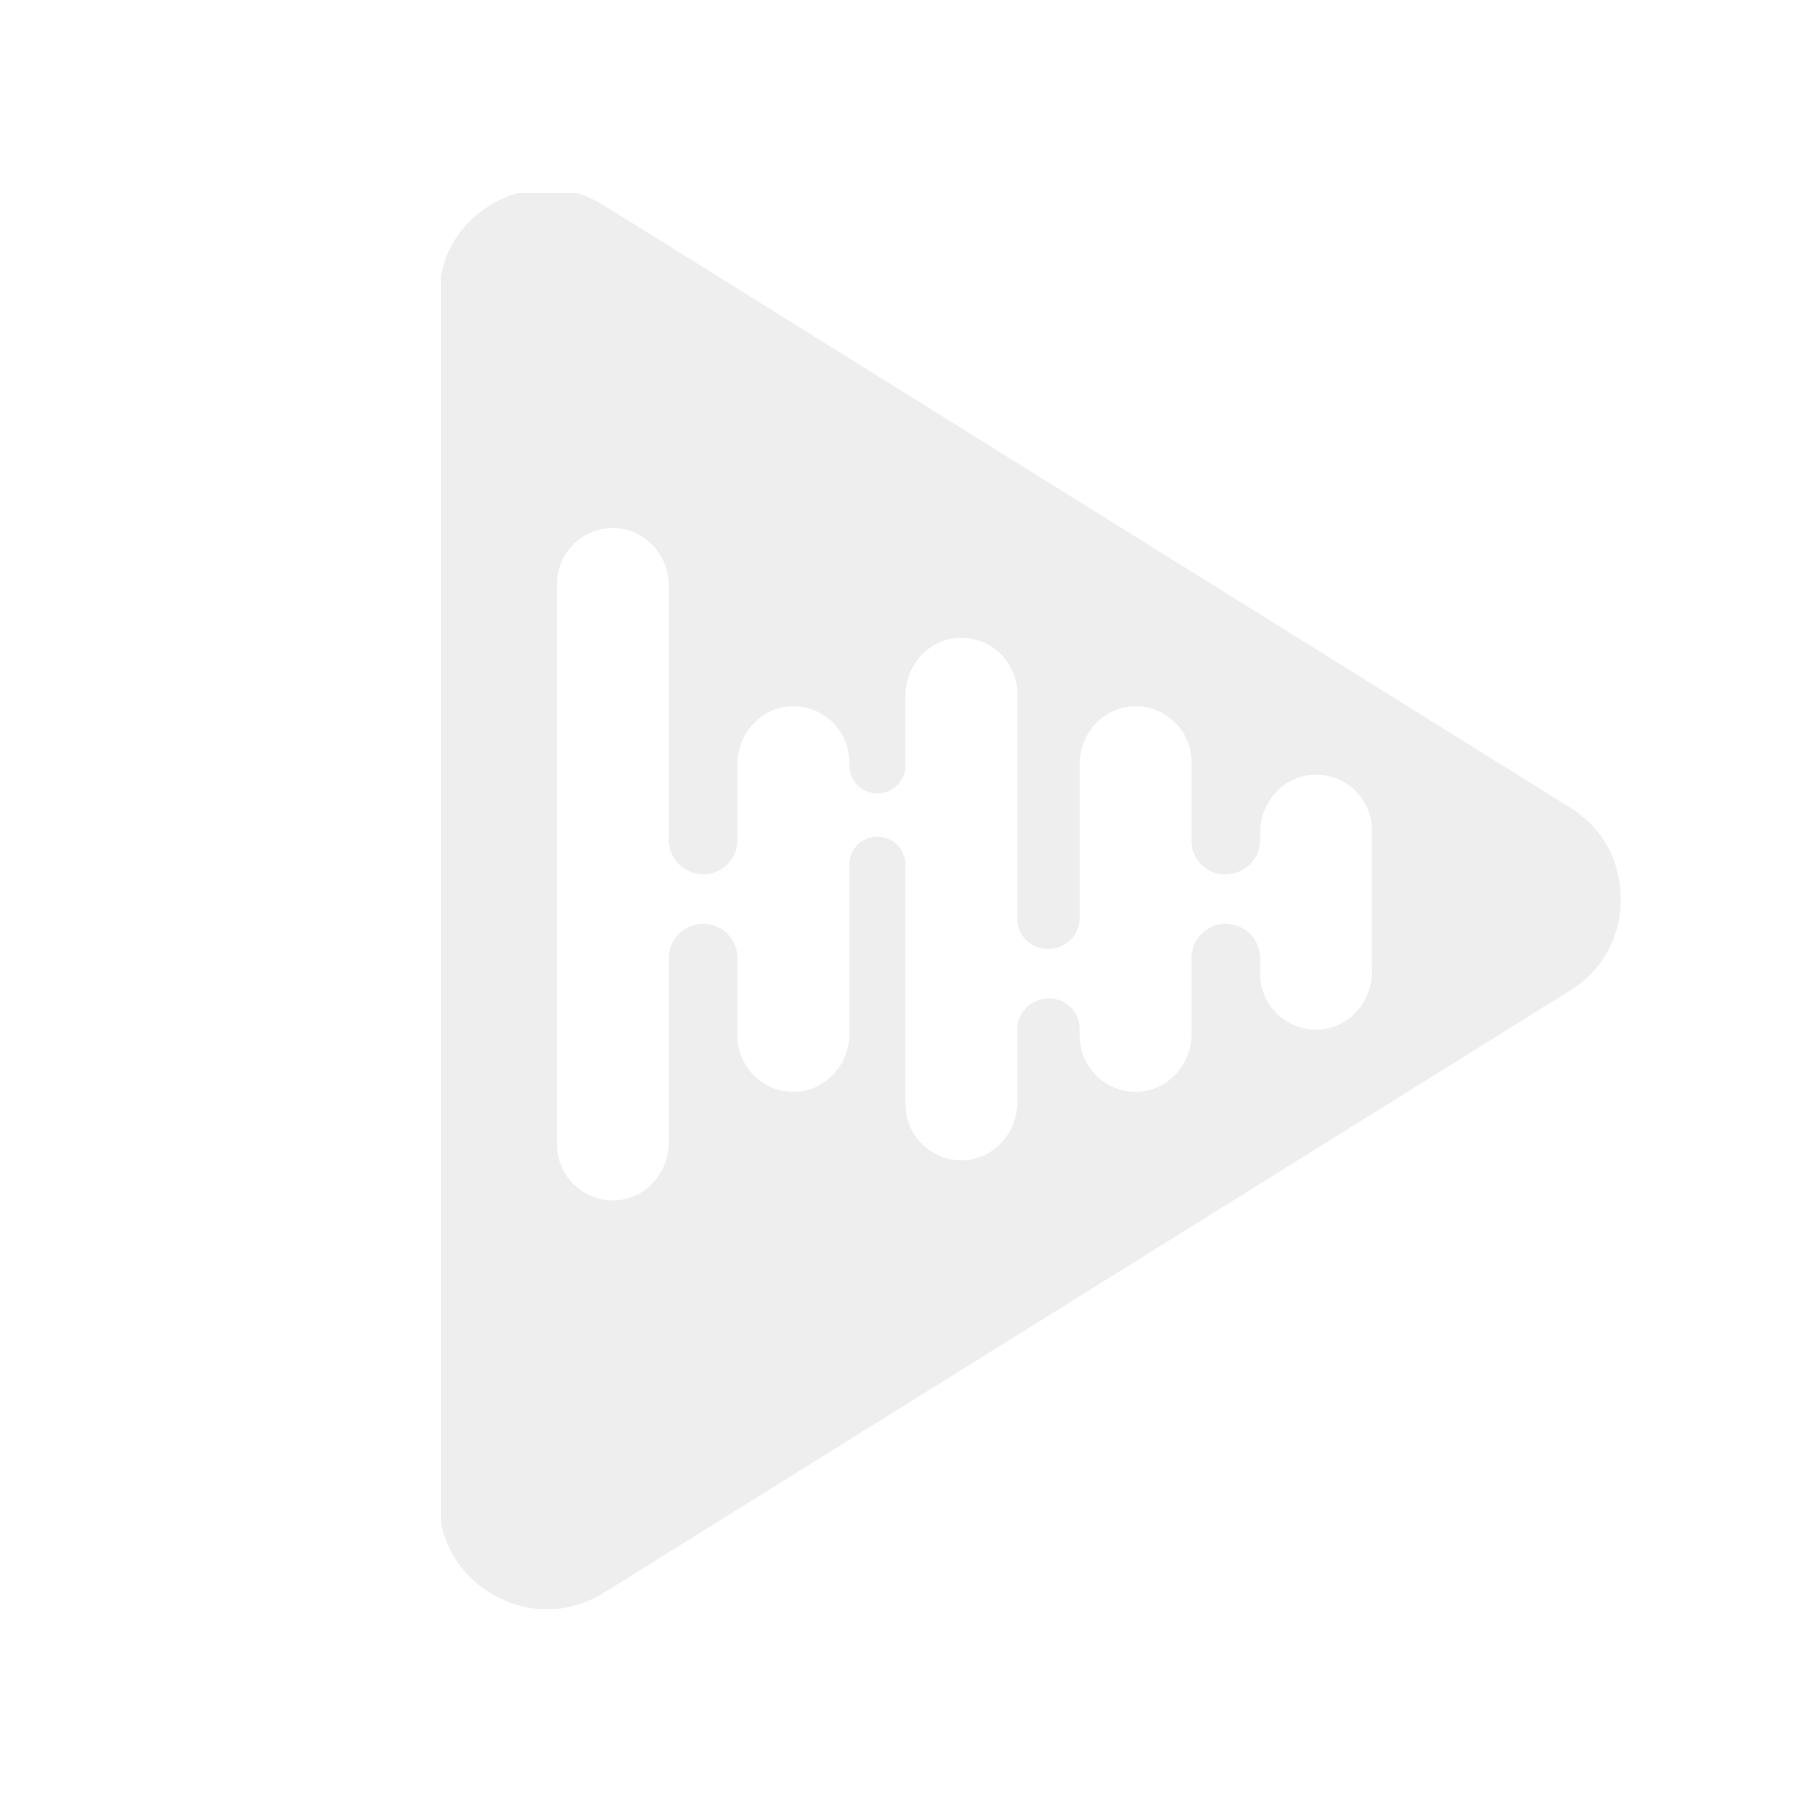 Skoddejuice Lime Tahiti Aroma